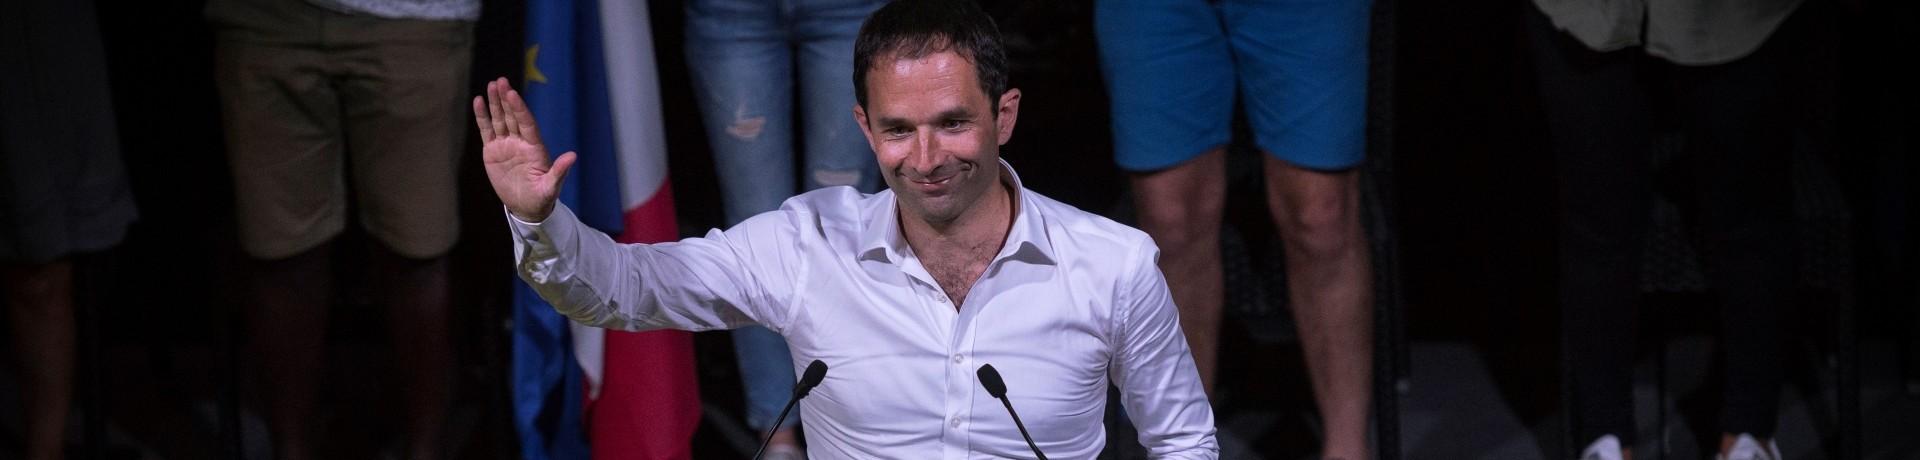 Benoît Hamon, le 28 août 2016